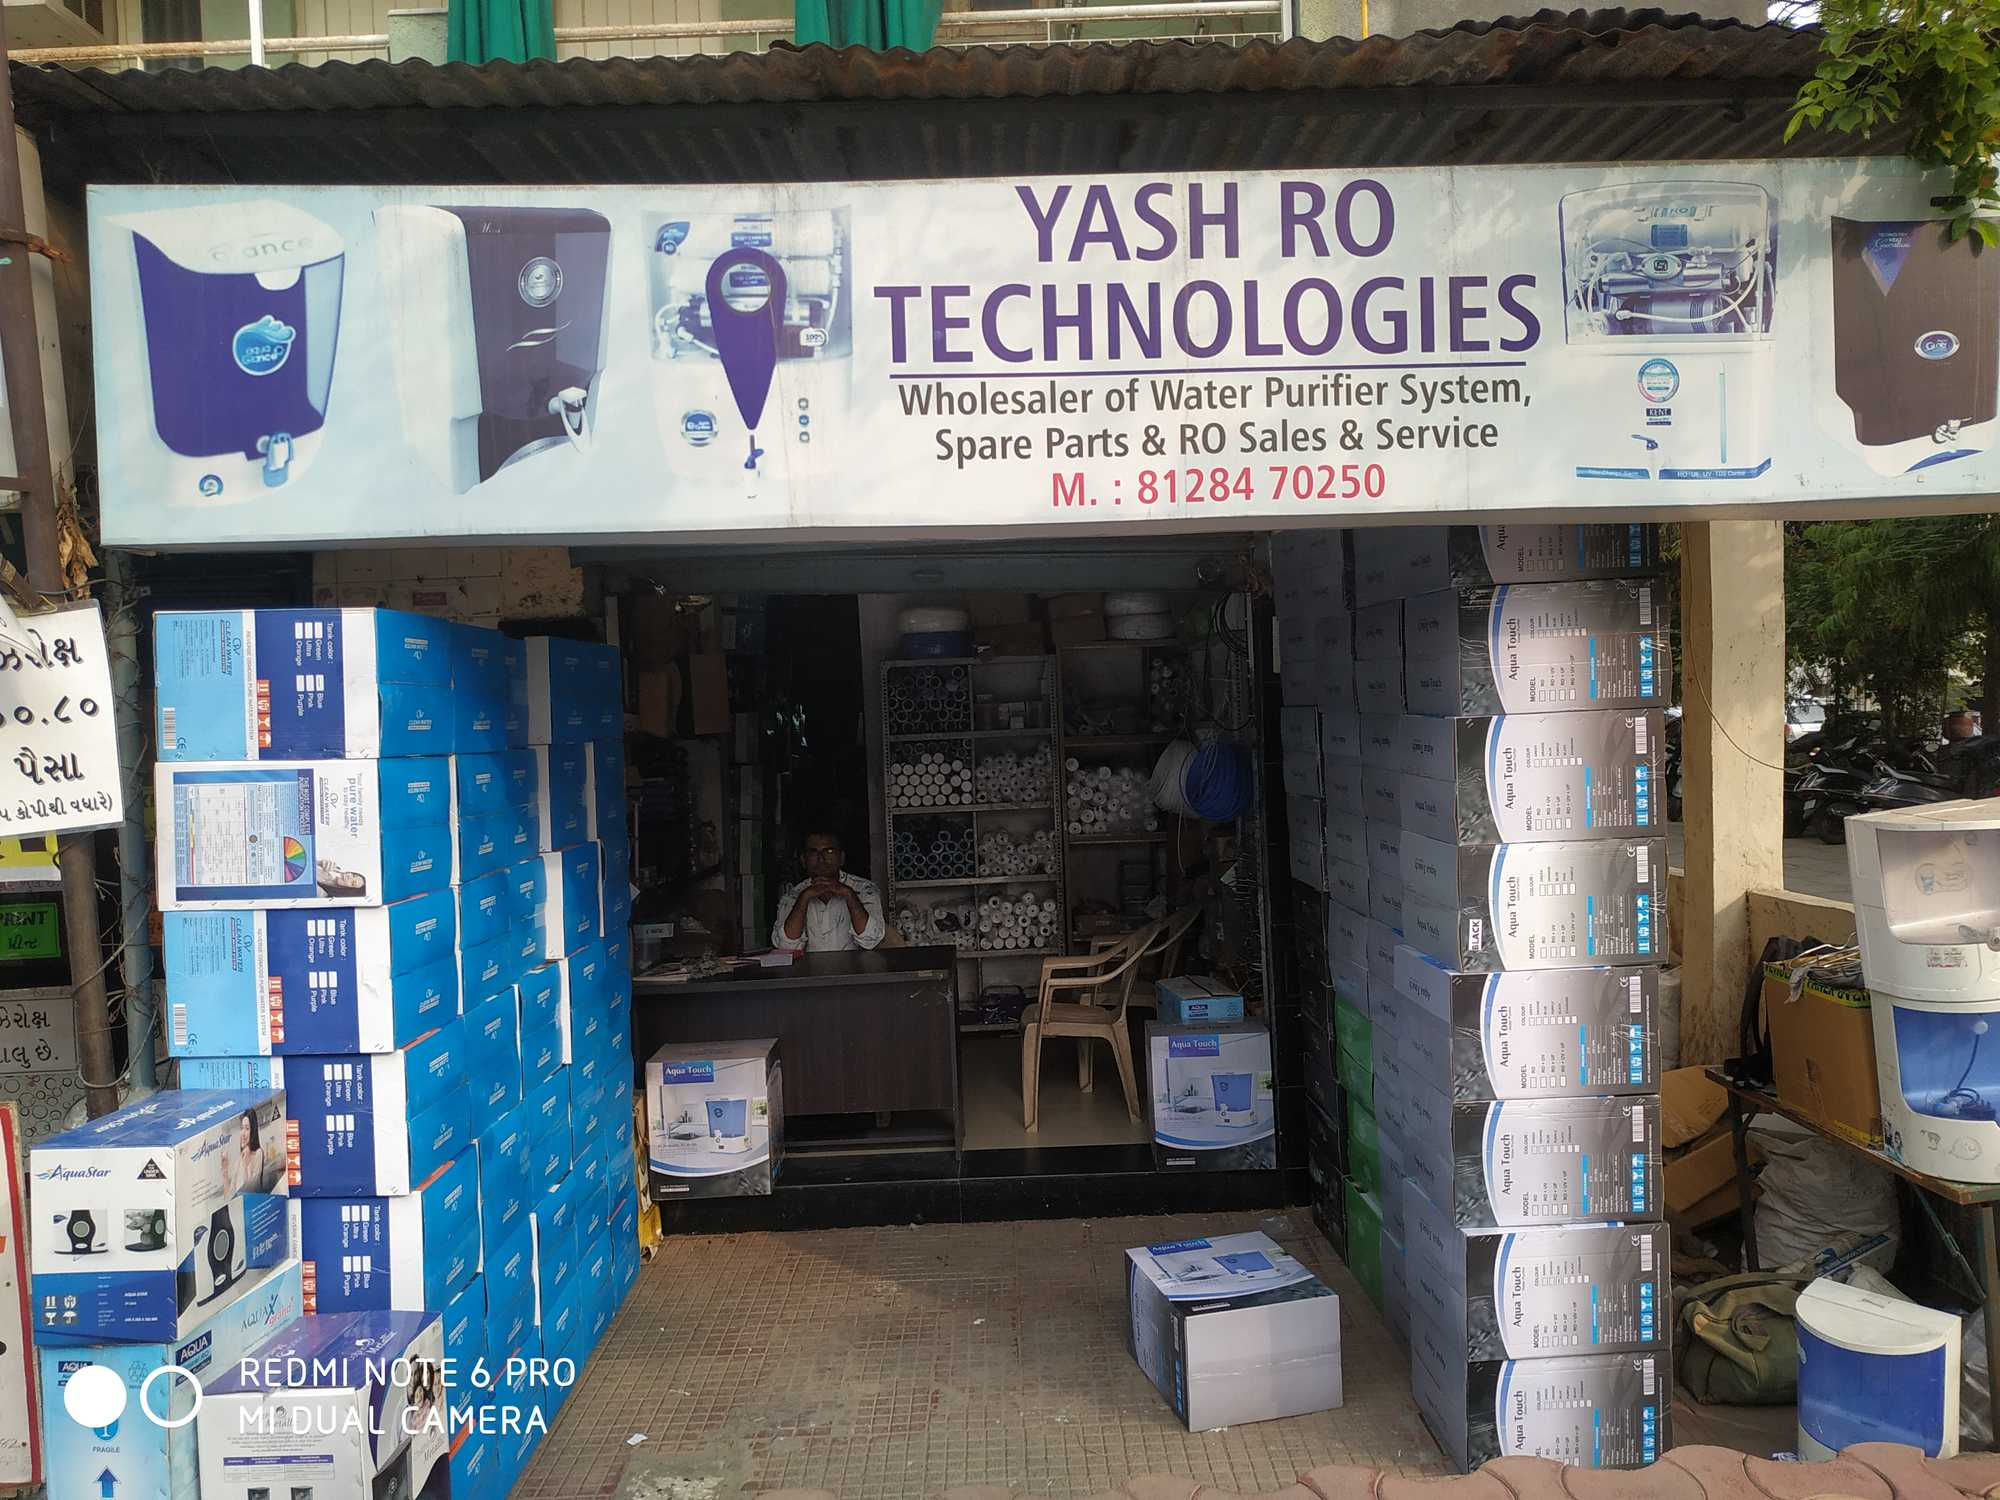 Top 20 RO Water Purifier Dealers in Paldi, Ahmedabad - Best